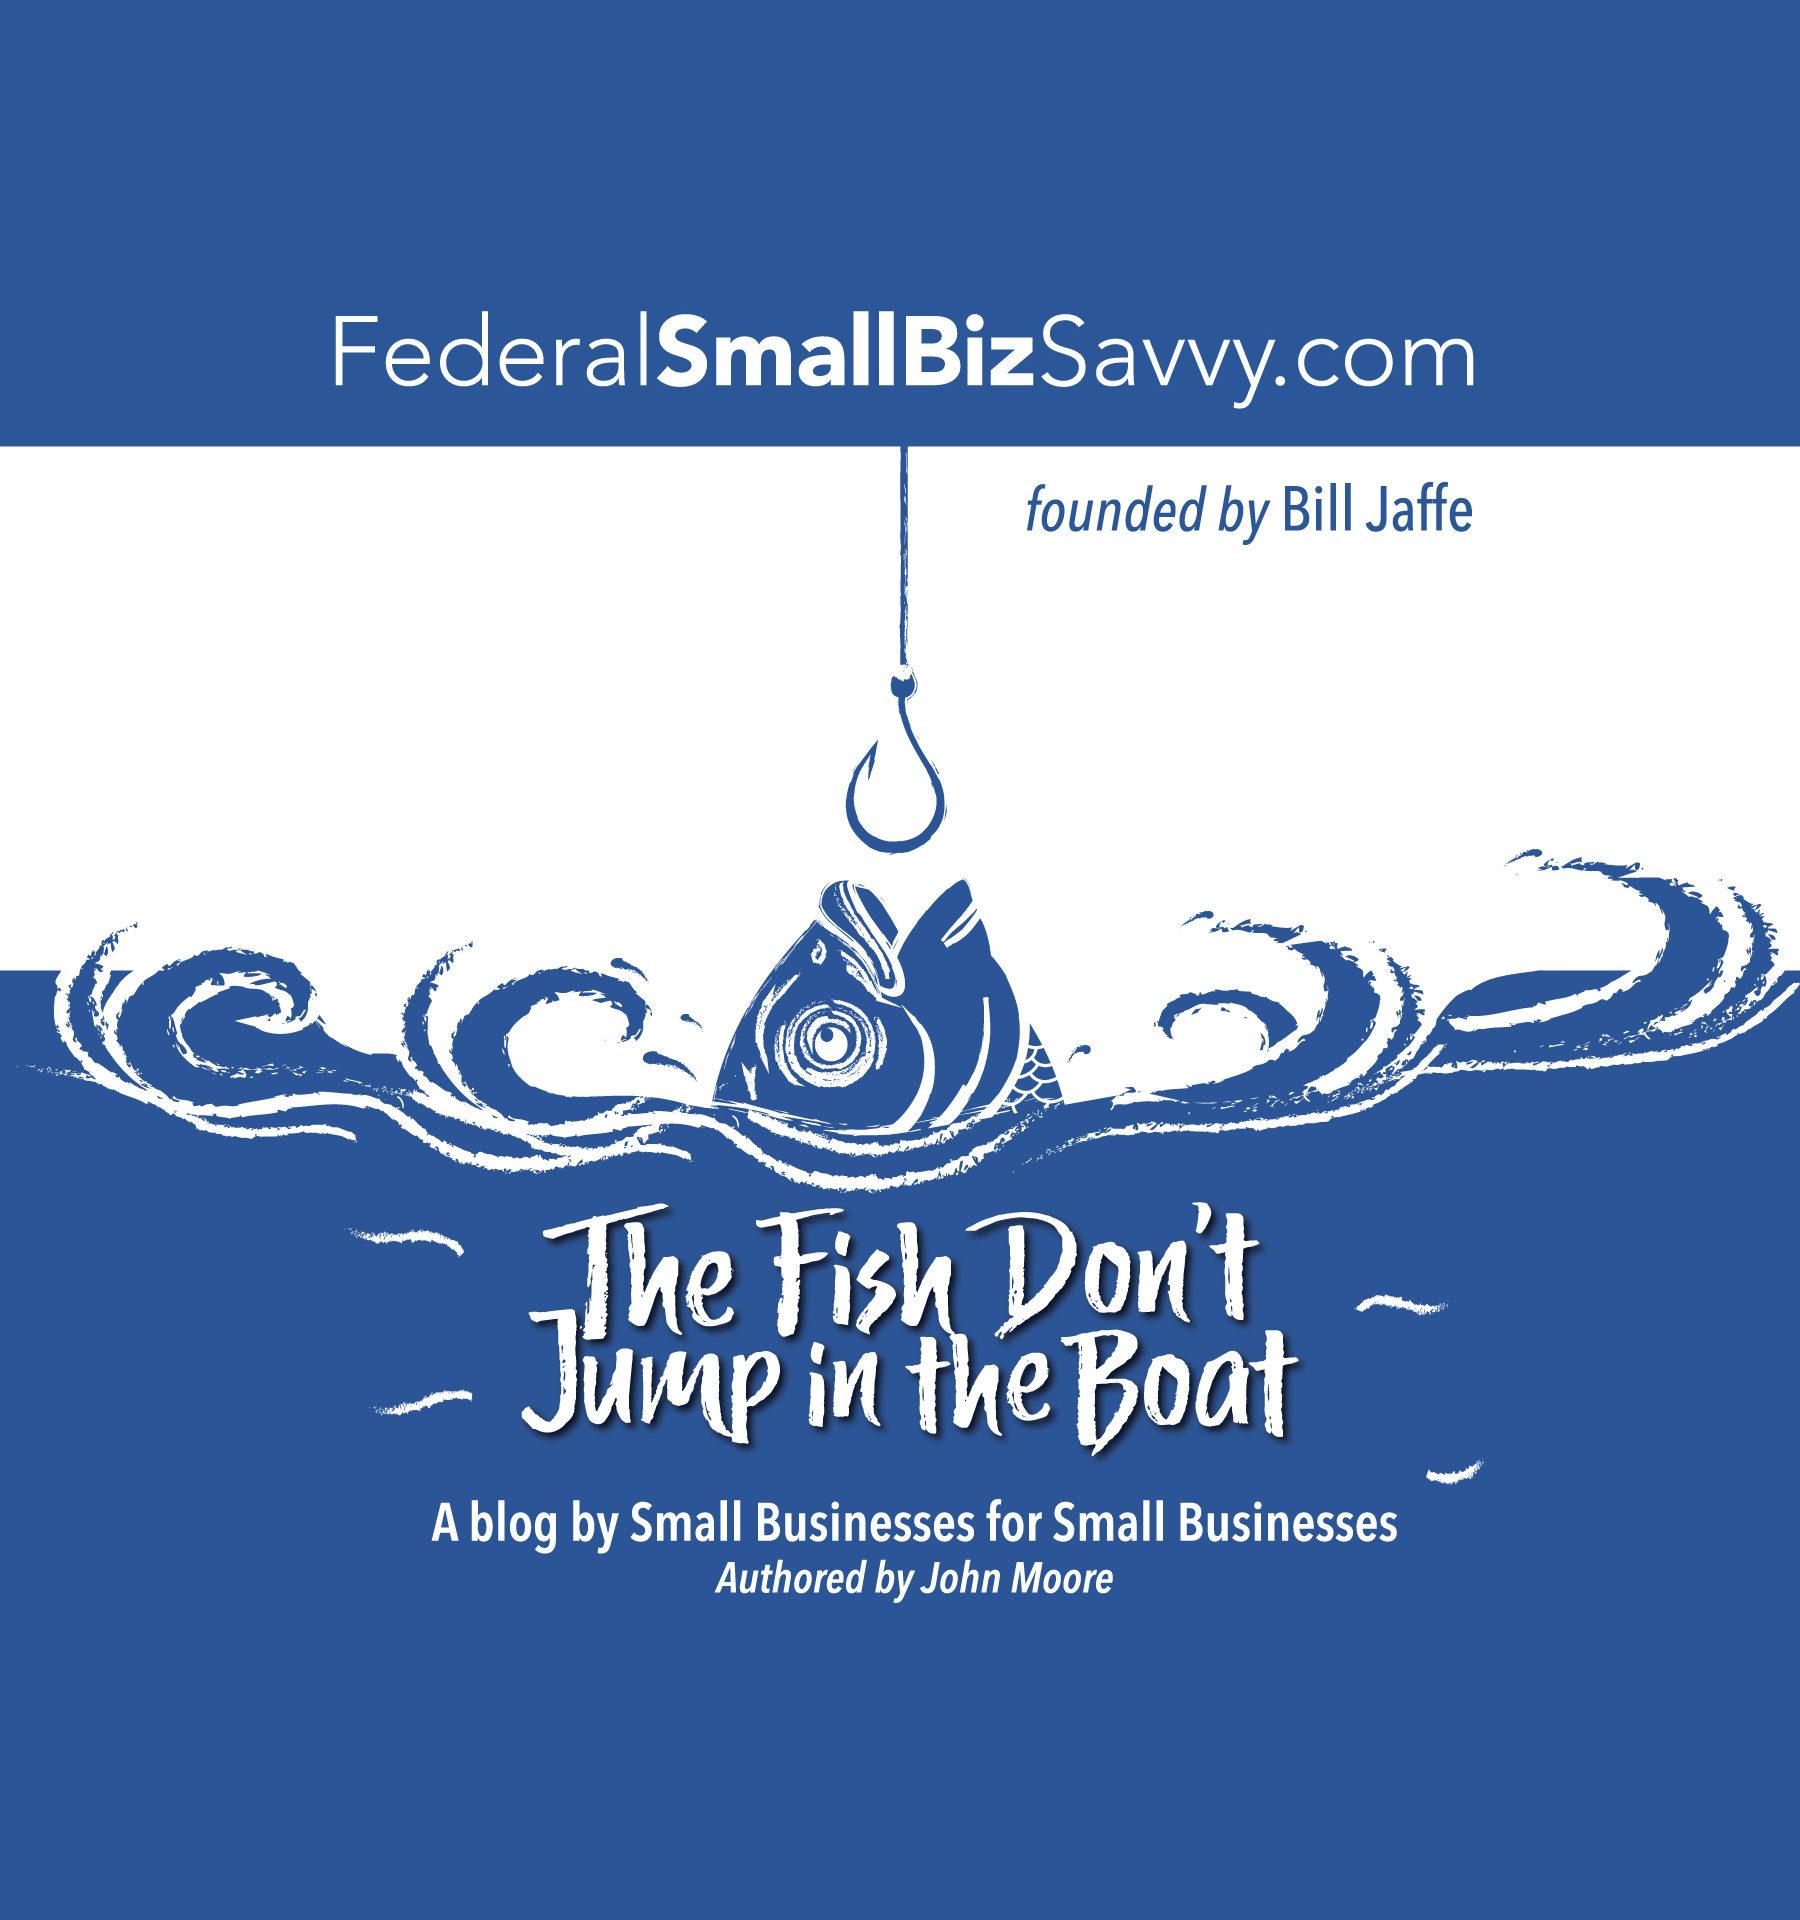 Fish Don't Jump Logo